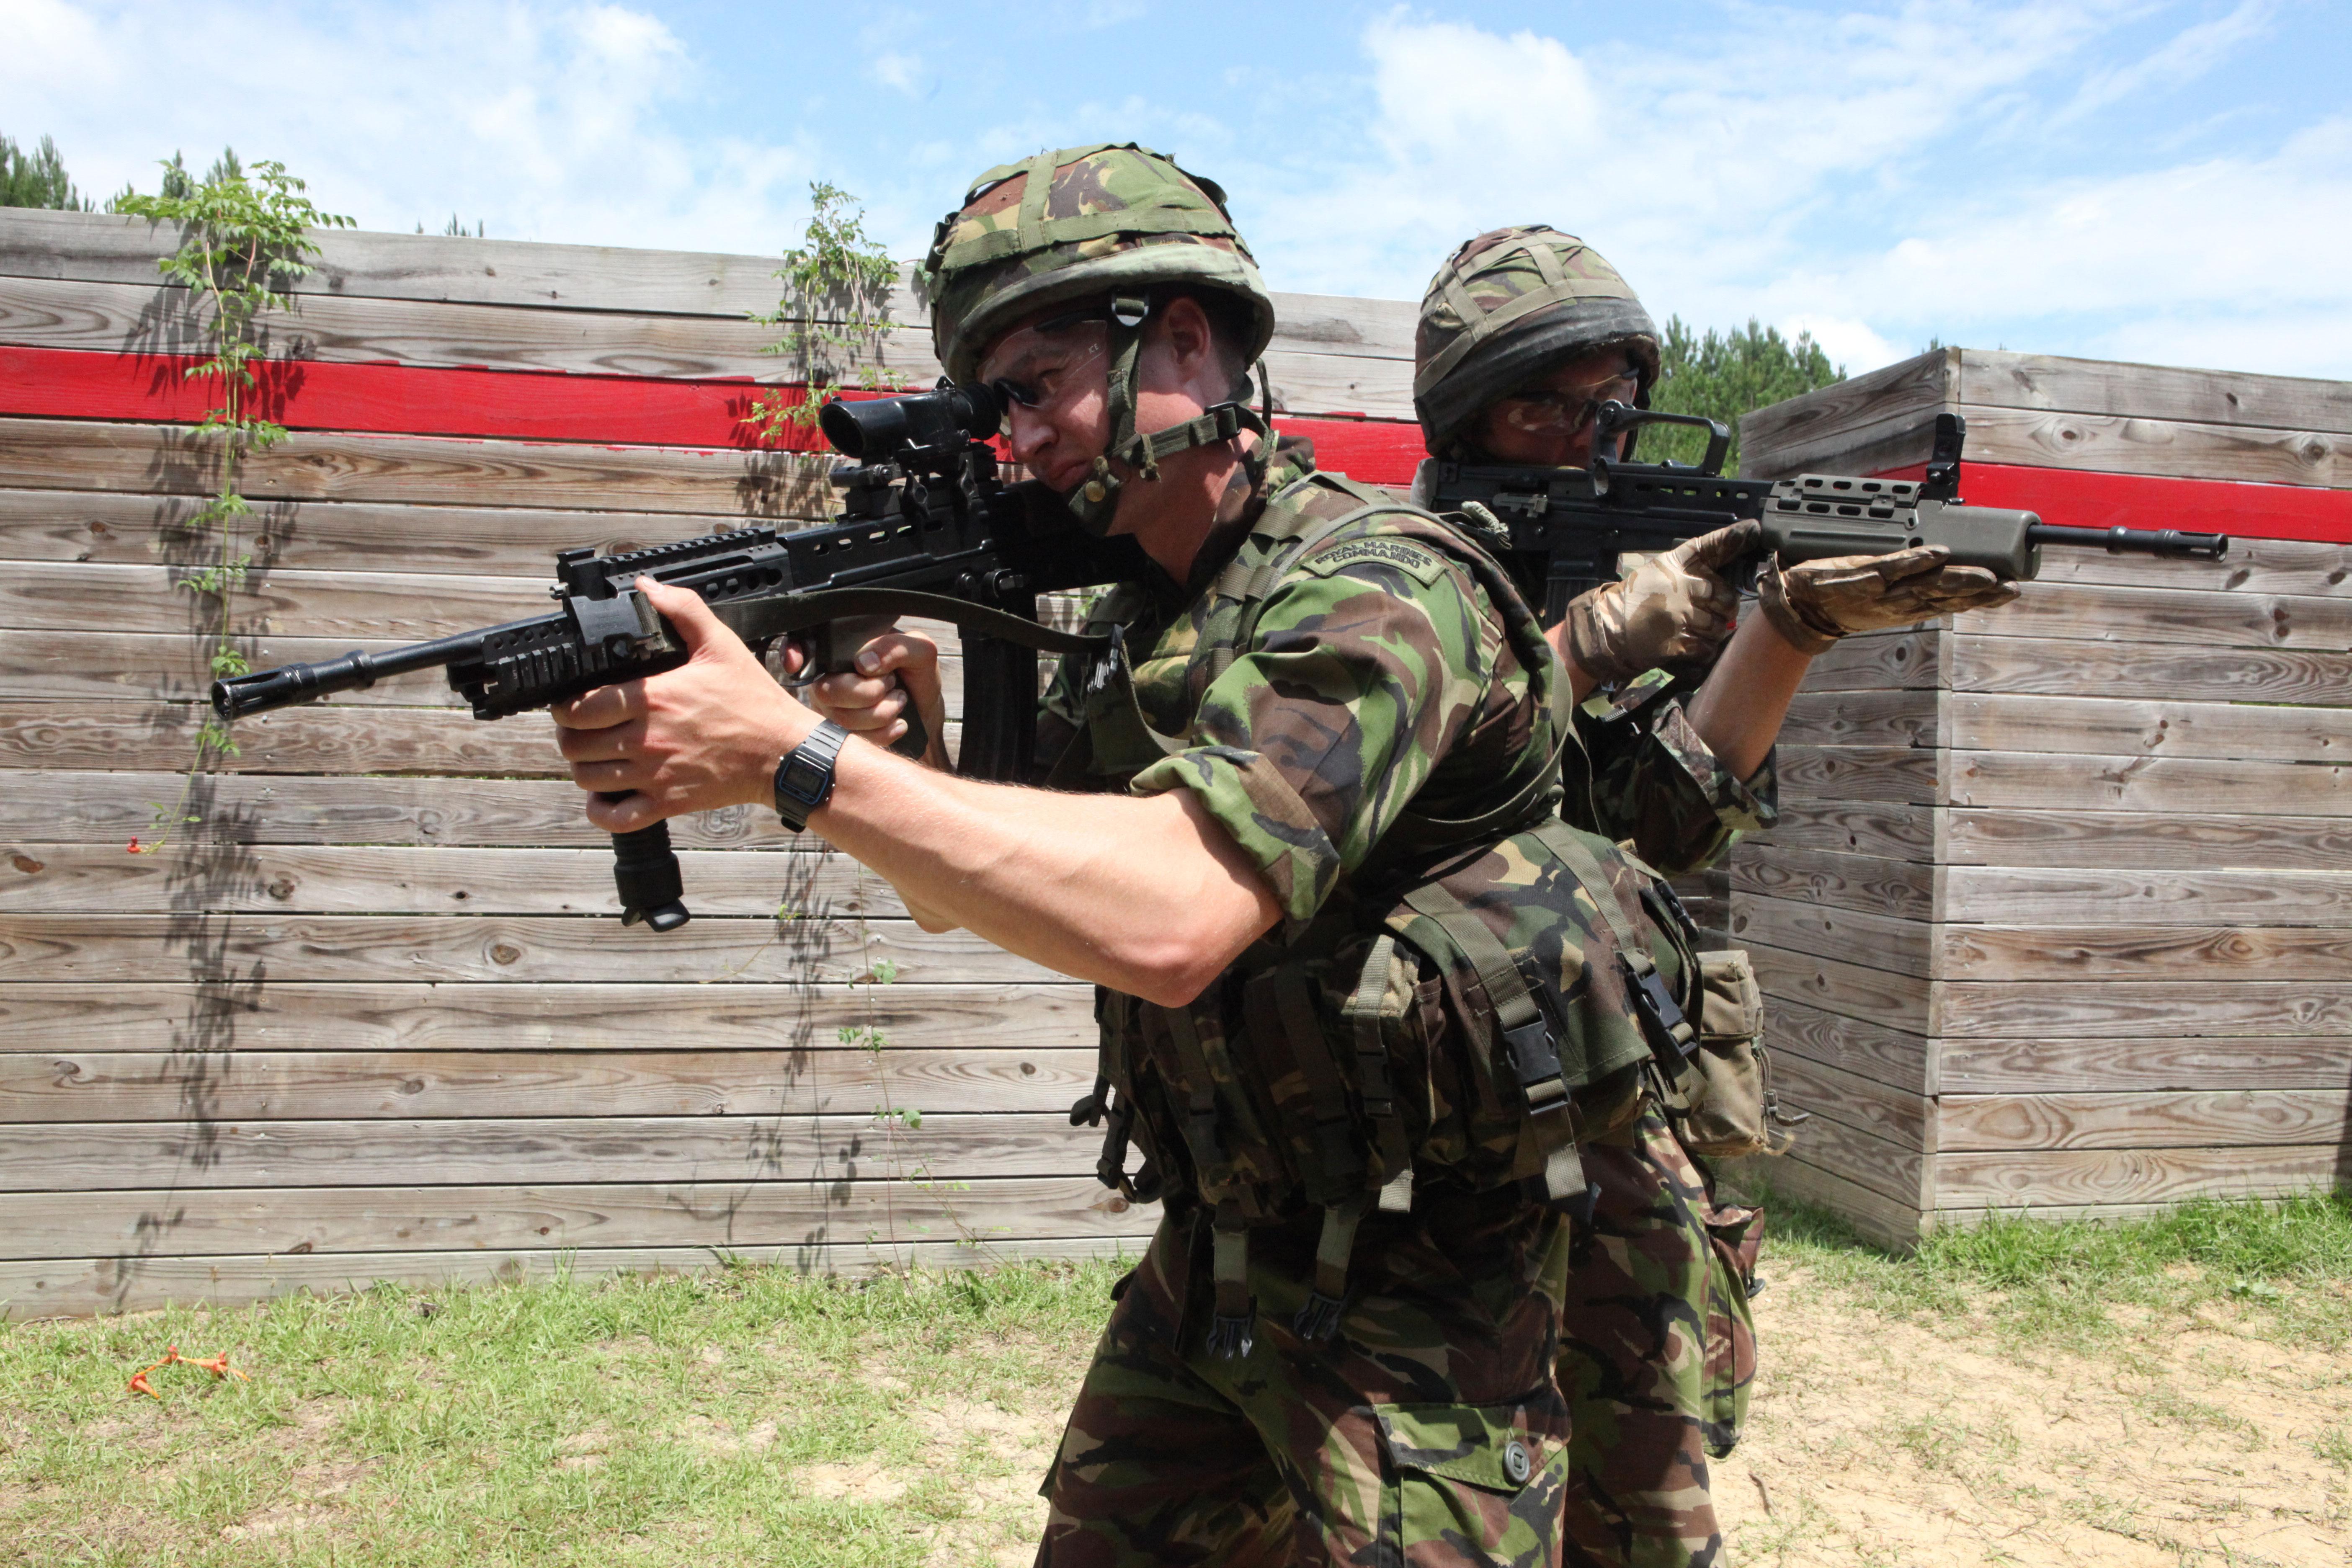 Brigade Patrol Troop Royal Marines